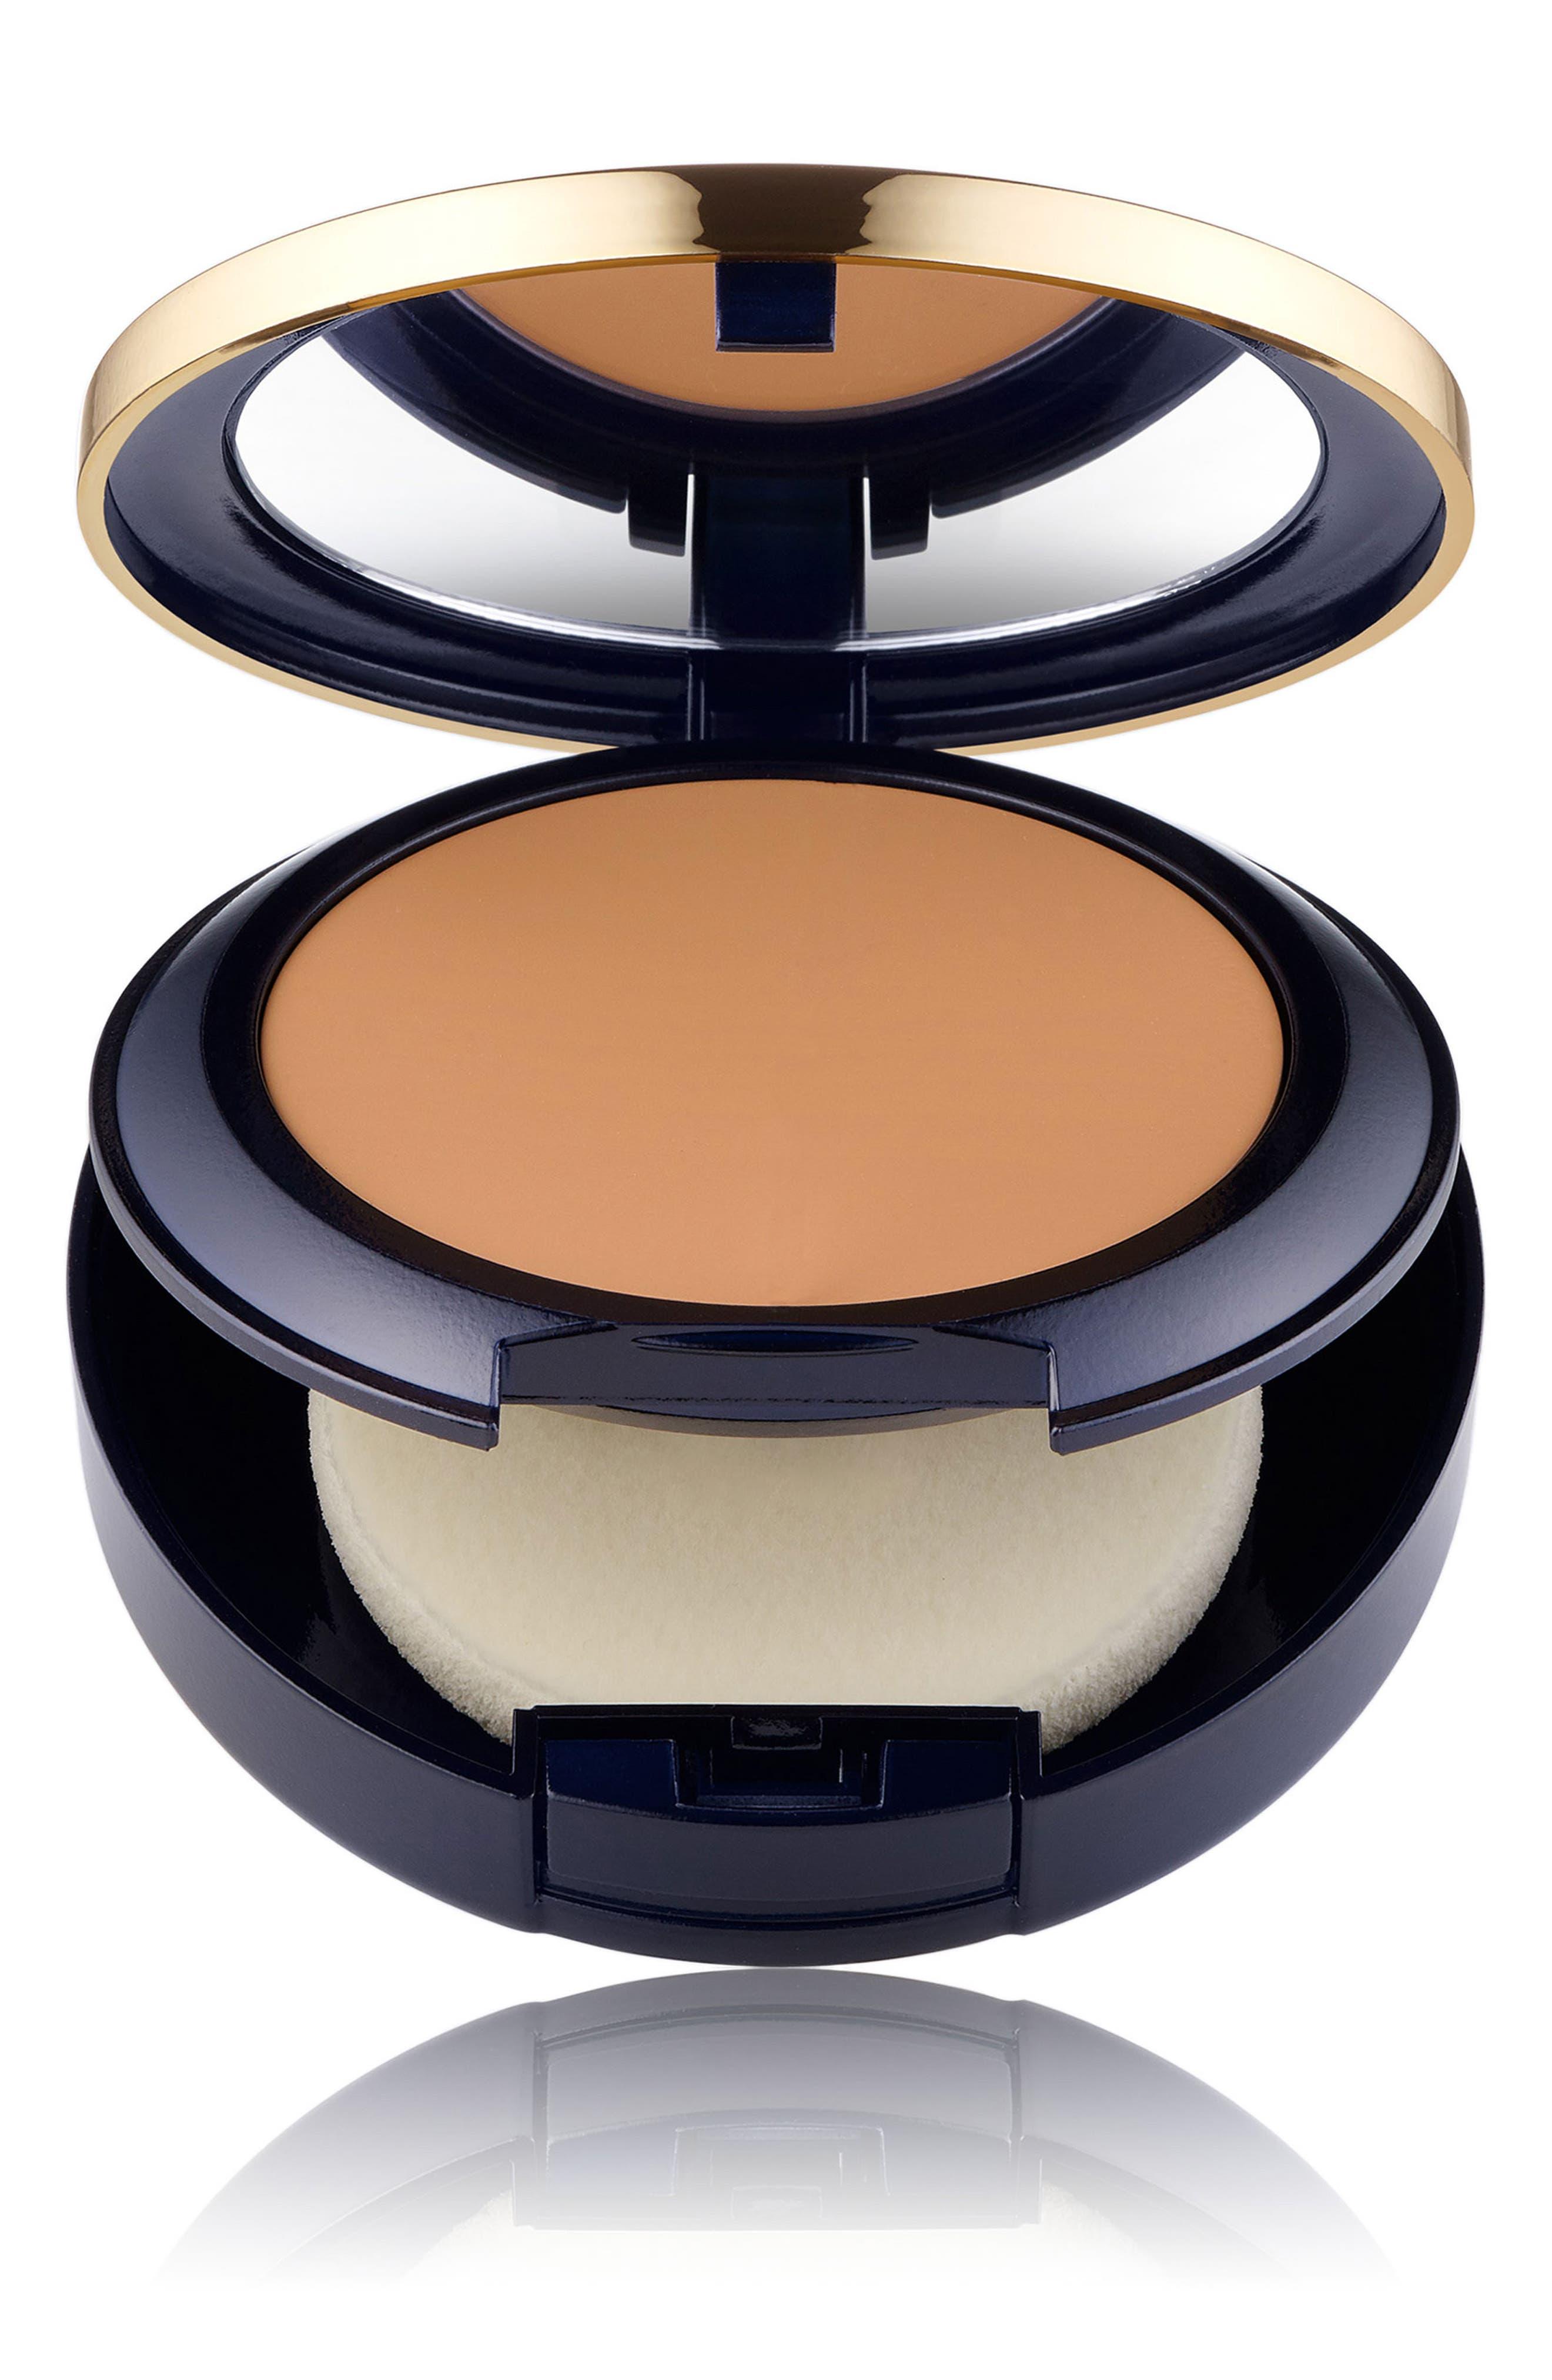 Estee Lauder Double Wear Stay In Place Matte Powder Foundation - 6N1 Mocha